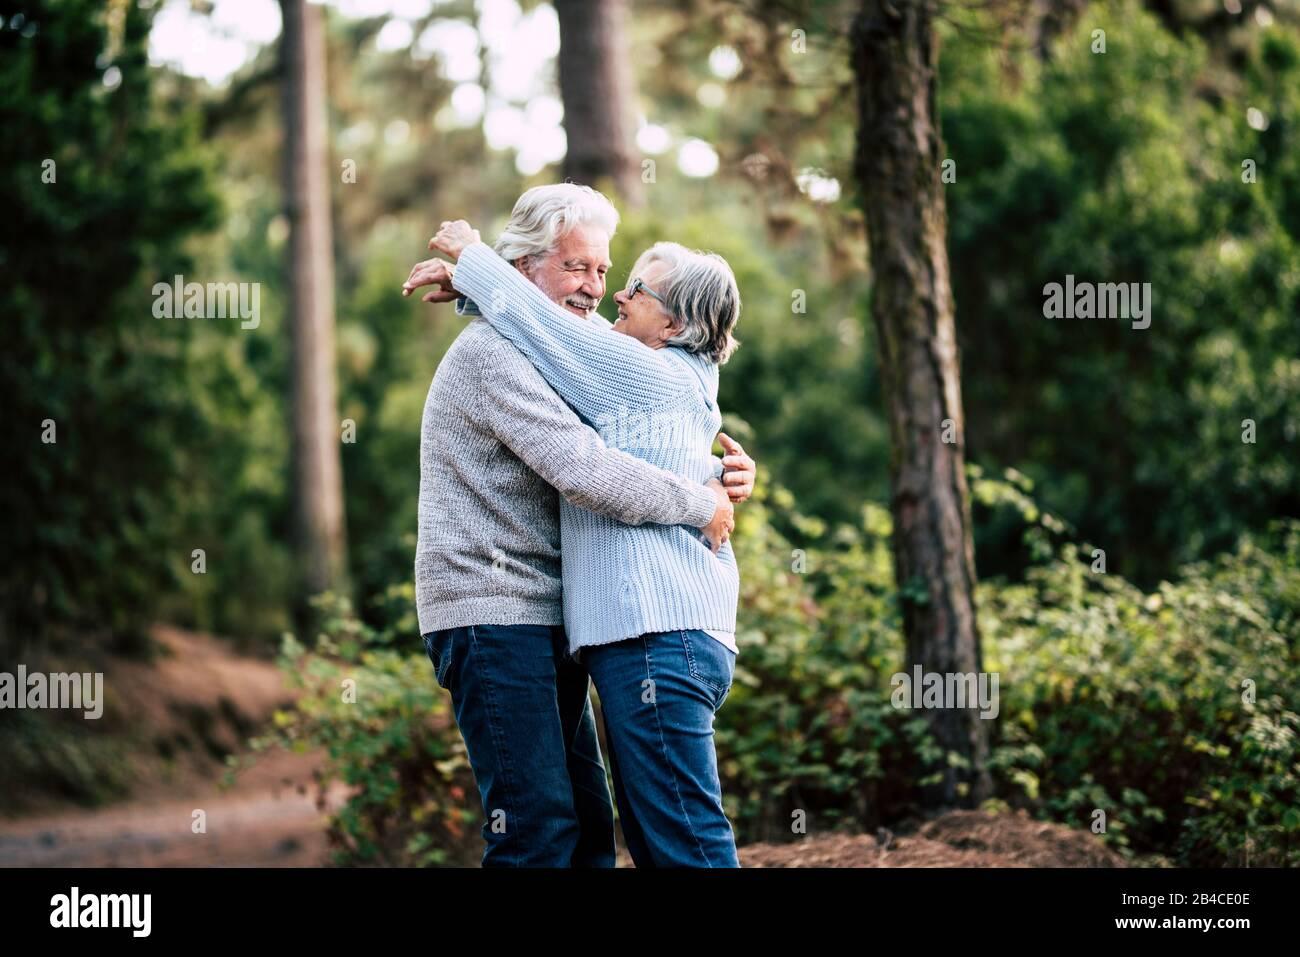 Coppia attiva senior godendo della foresta naturale all'aperto con abbracci e amore insieme - per sempre concetto di vita con uomo maturo e donna - anziani e bella foresta verde in background Foto Stock